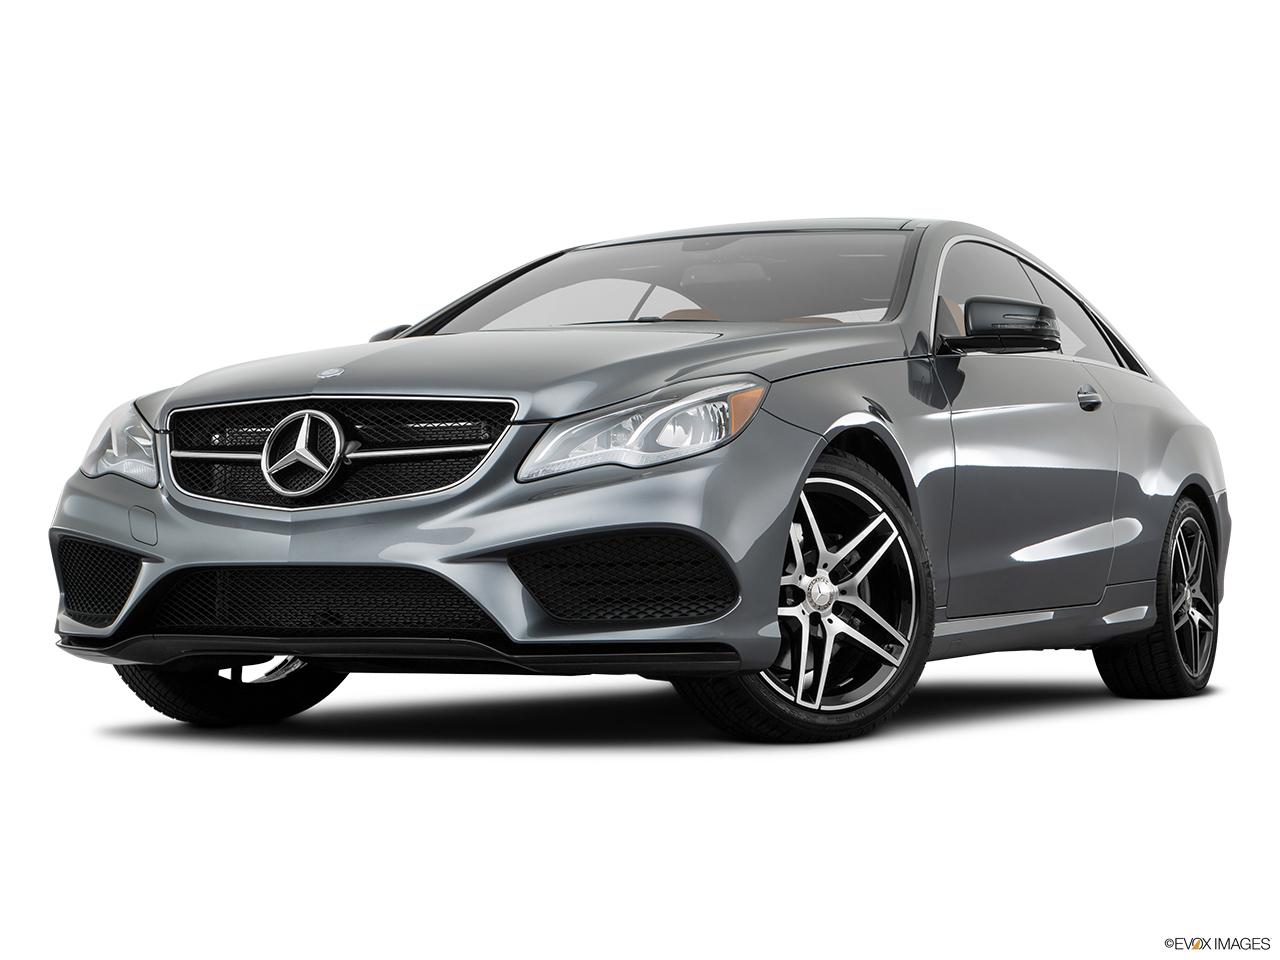 Mercedes benz e class coupe 2017 e 300 in egypt new car for Mercedes benz e class coupe price